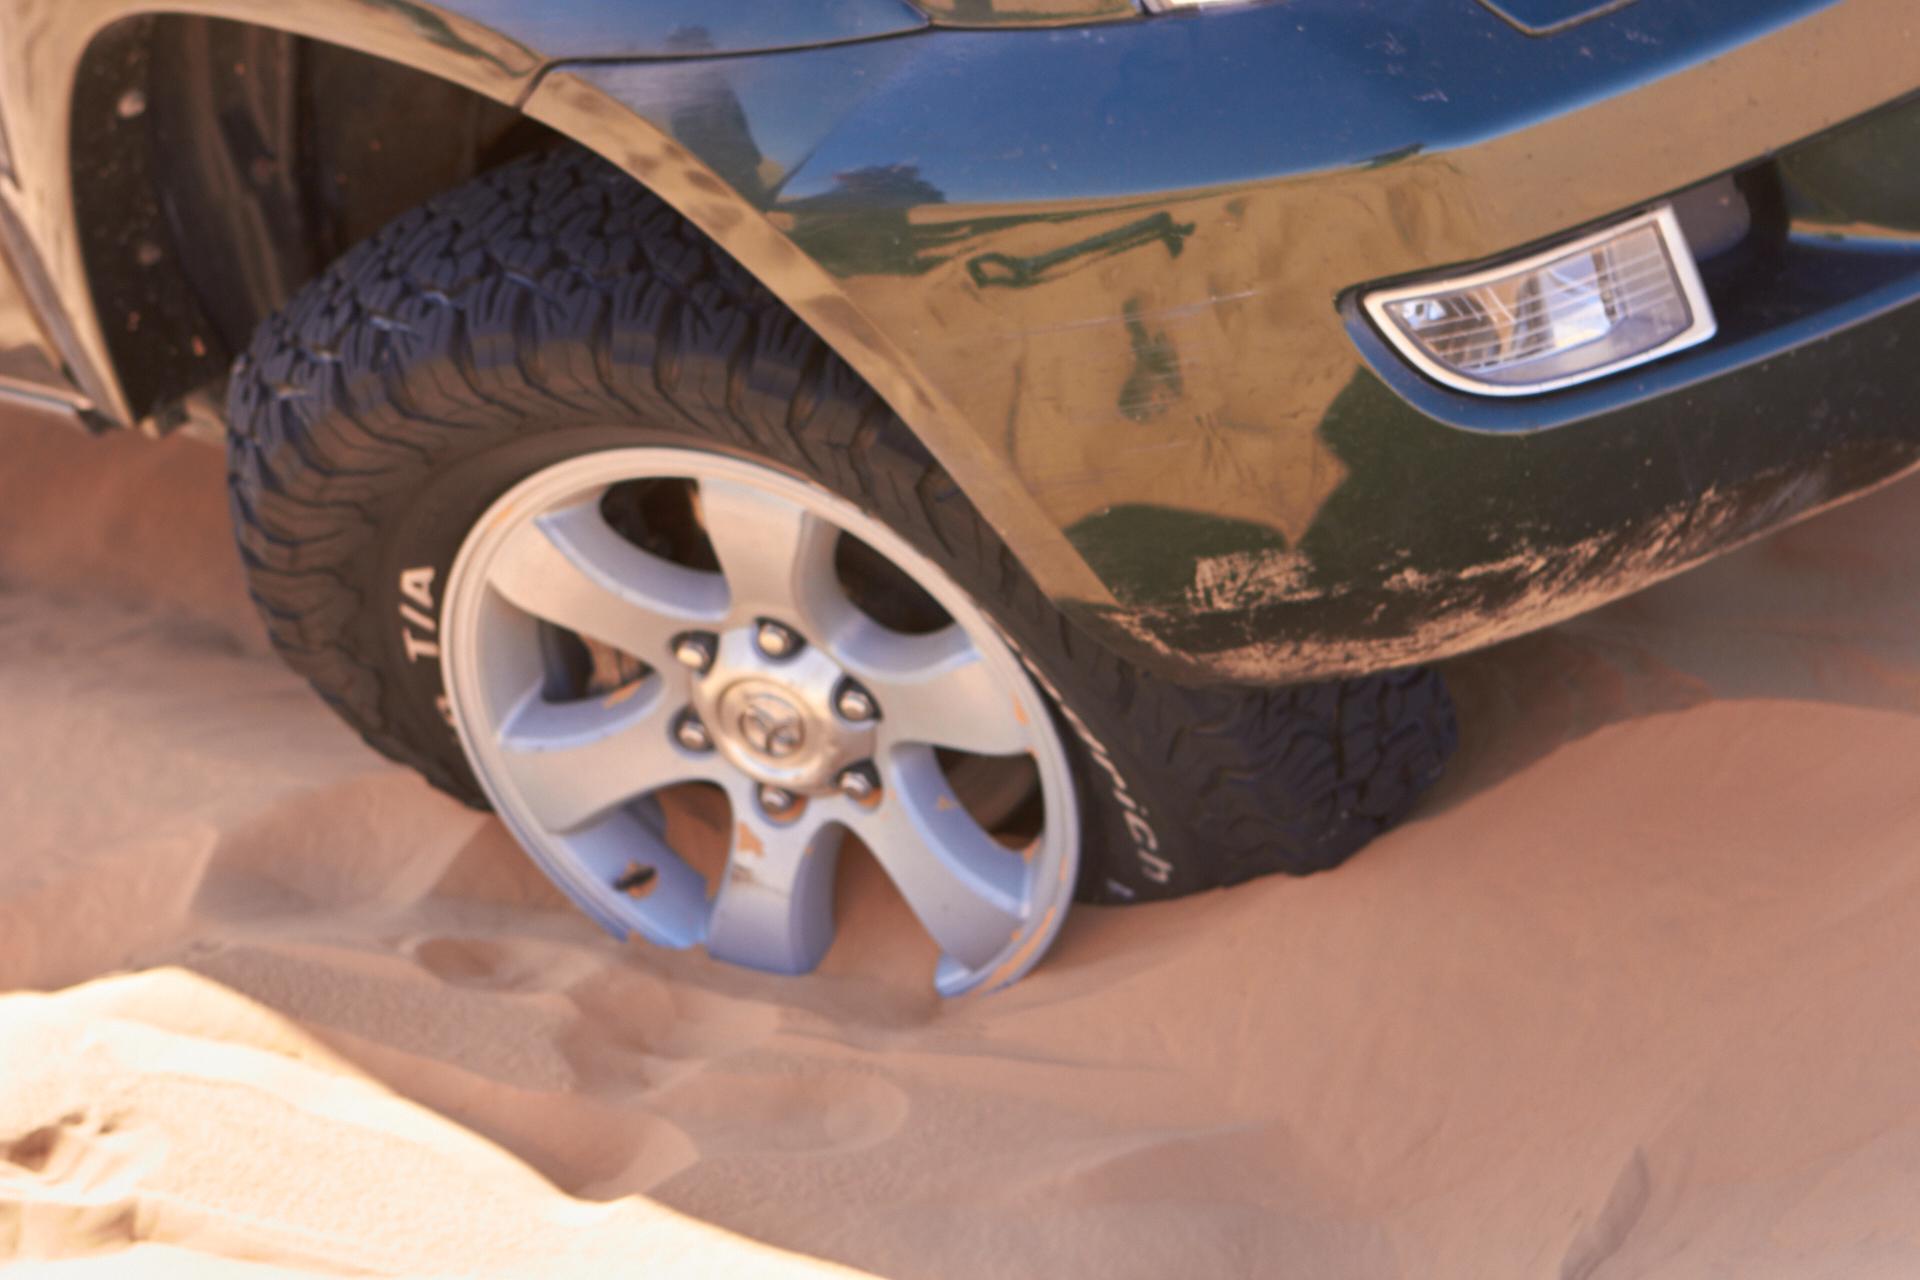 Reifen von Felge gezogen